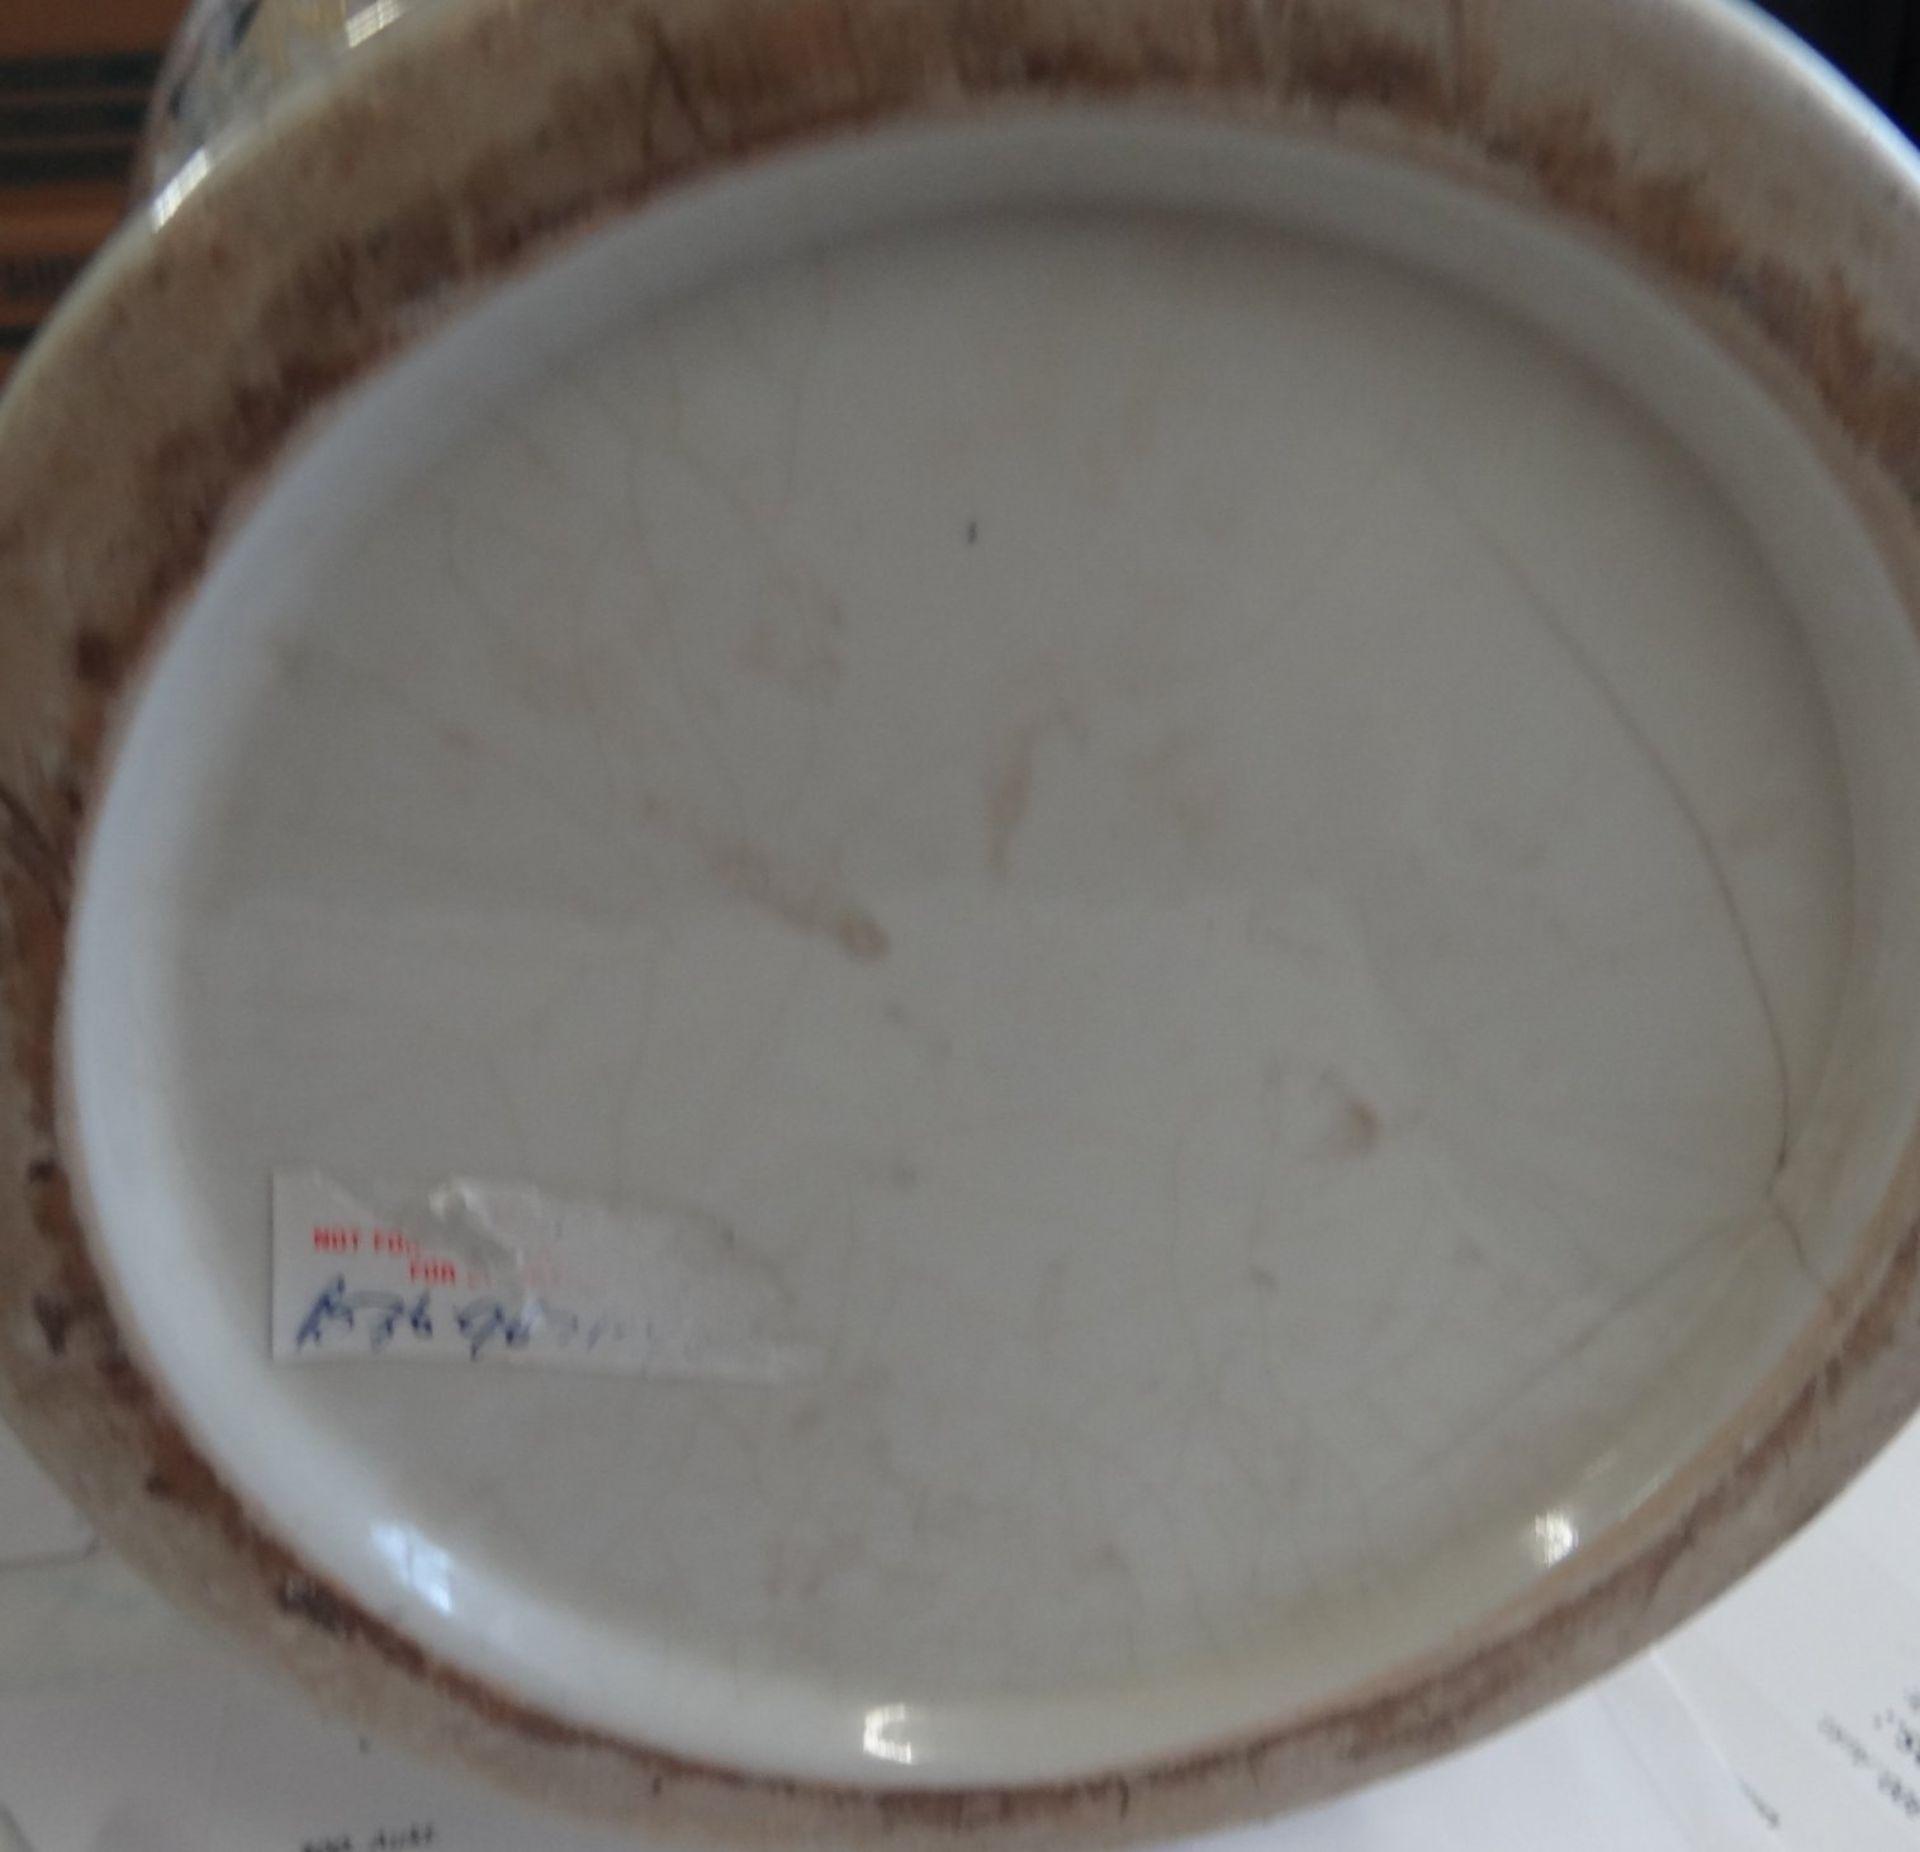 Los 1029 - grosse China-Vase, bemalt, H-48 cm, in Boden altrissig,